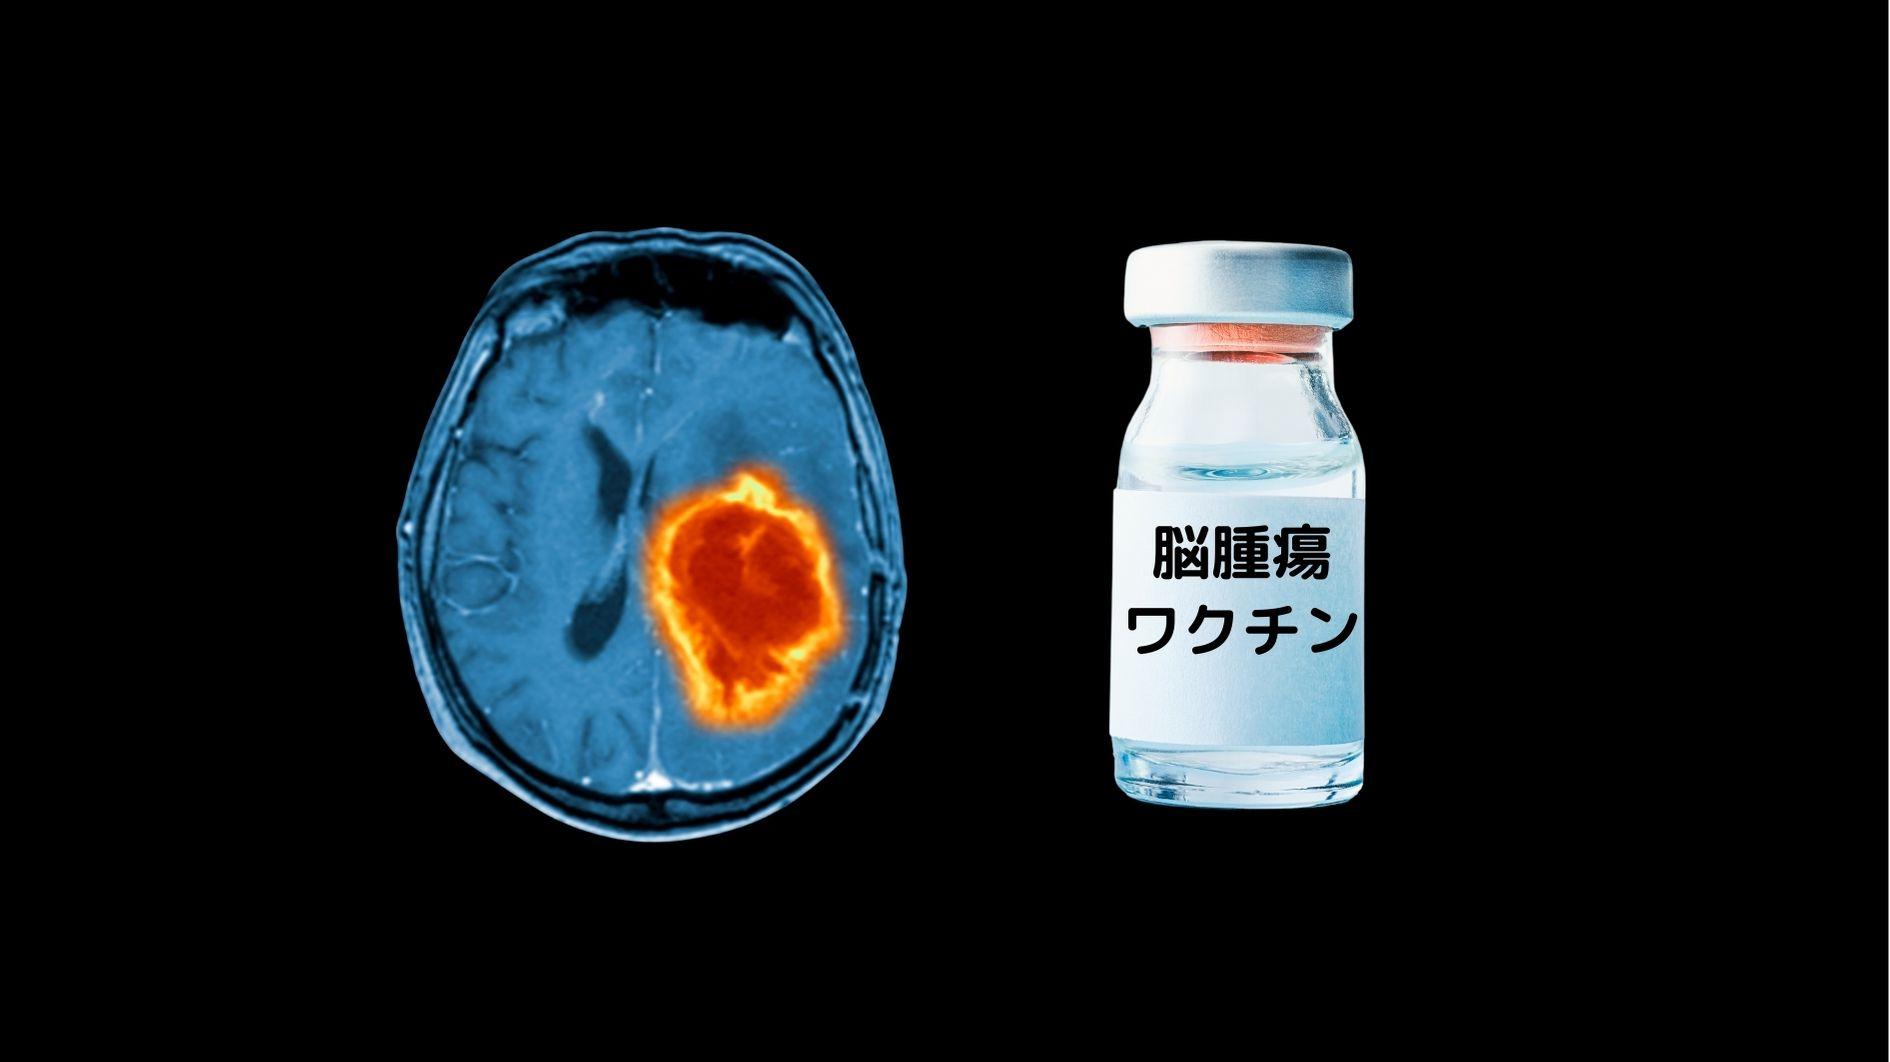 脳腫瘍をワクチンで治療することに成功!